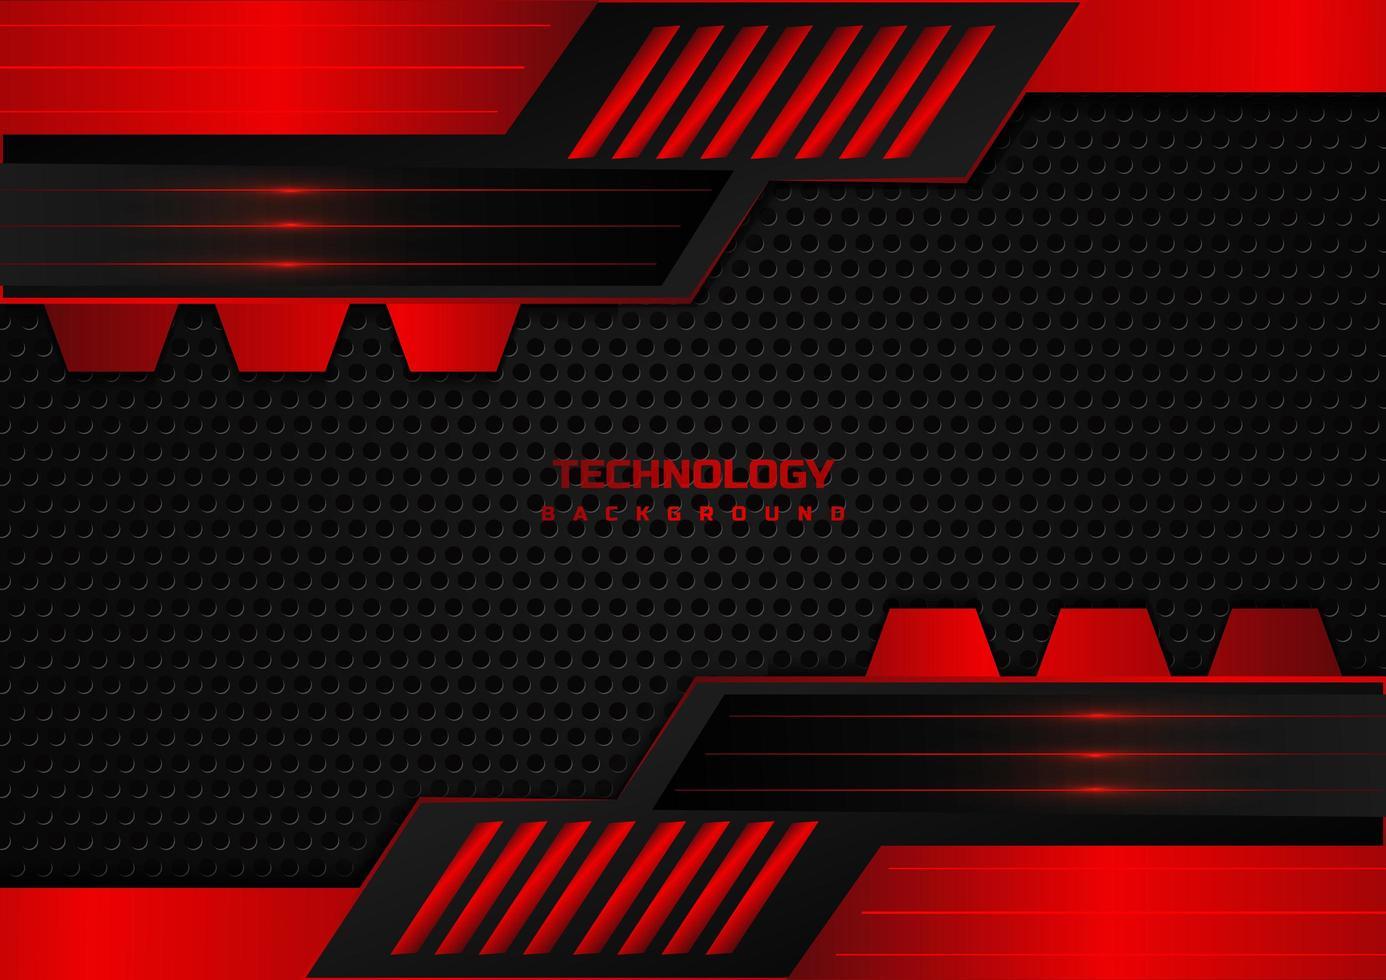 tecnología abstracta fondo rojo y negro geométrico vector